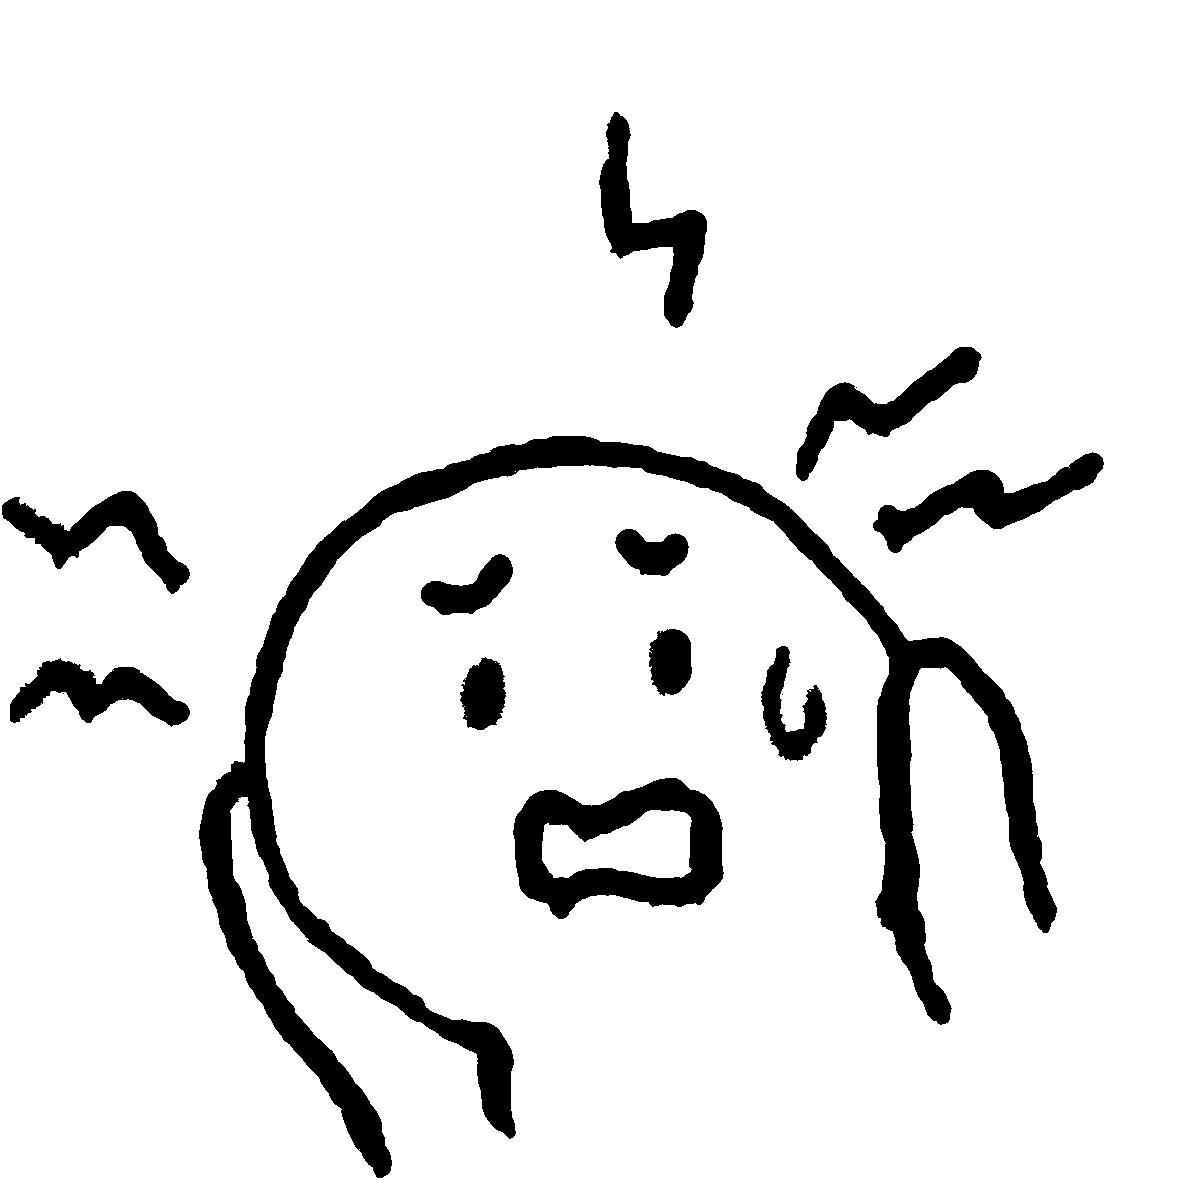 頭痛2/耳をふさぐのイラスト / Headache 2 Illustration